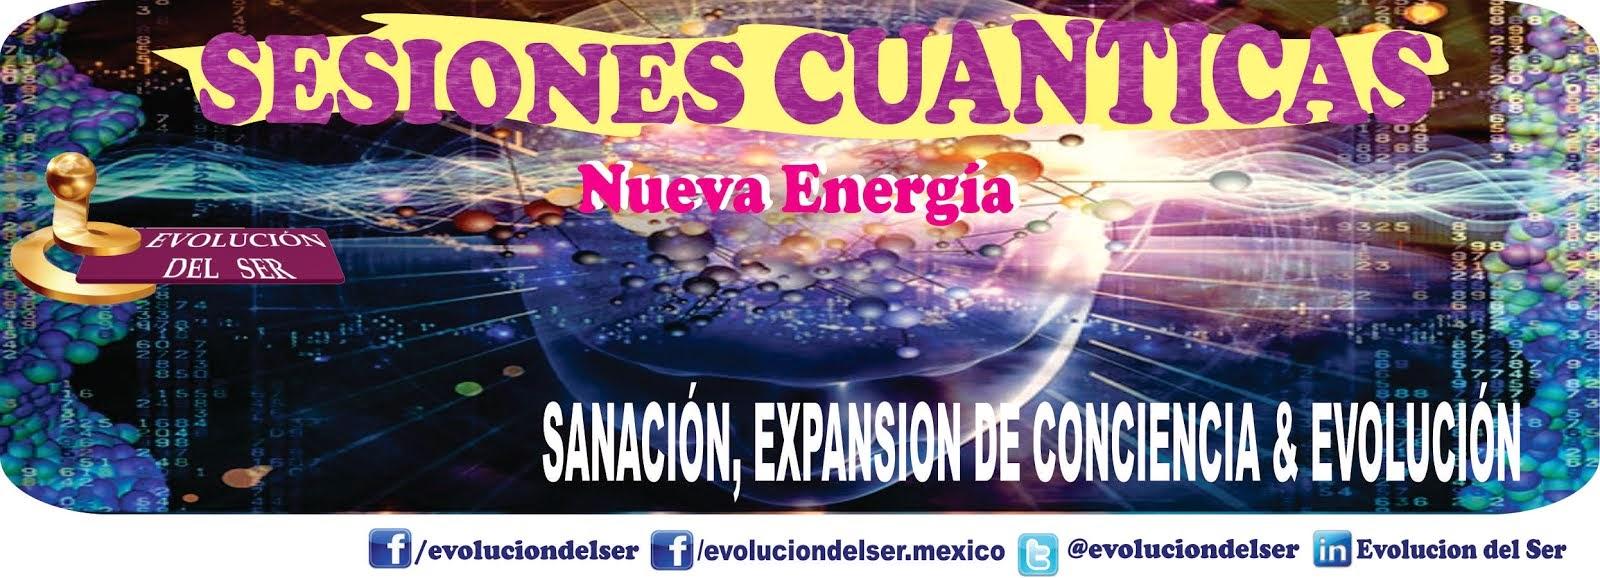 SESIONES CUANTICAS*  MEXICO, LLEVALO A TU CIUDAD